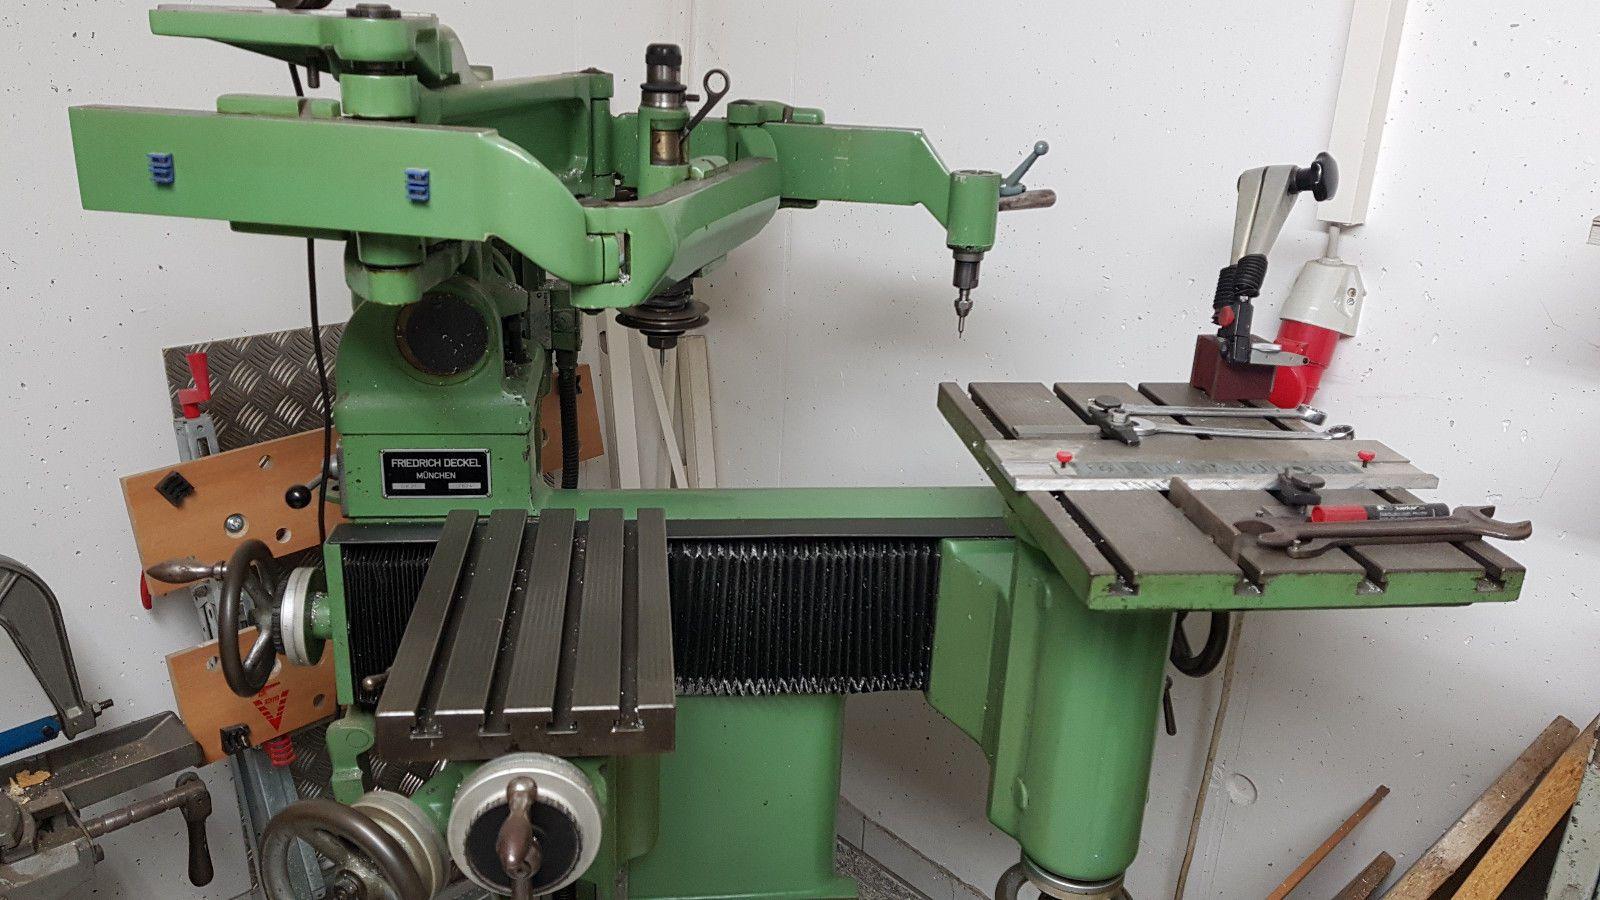 Gravier-,Kopier- und Fräsmaschine Deckel GK 21 im Top Zustand